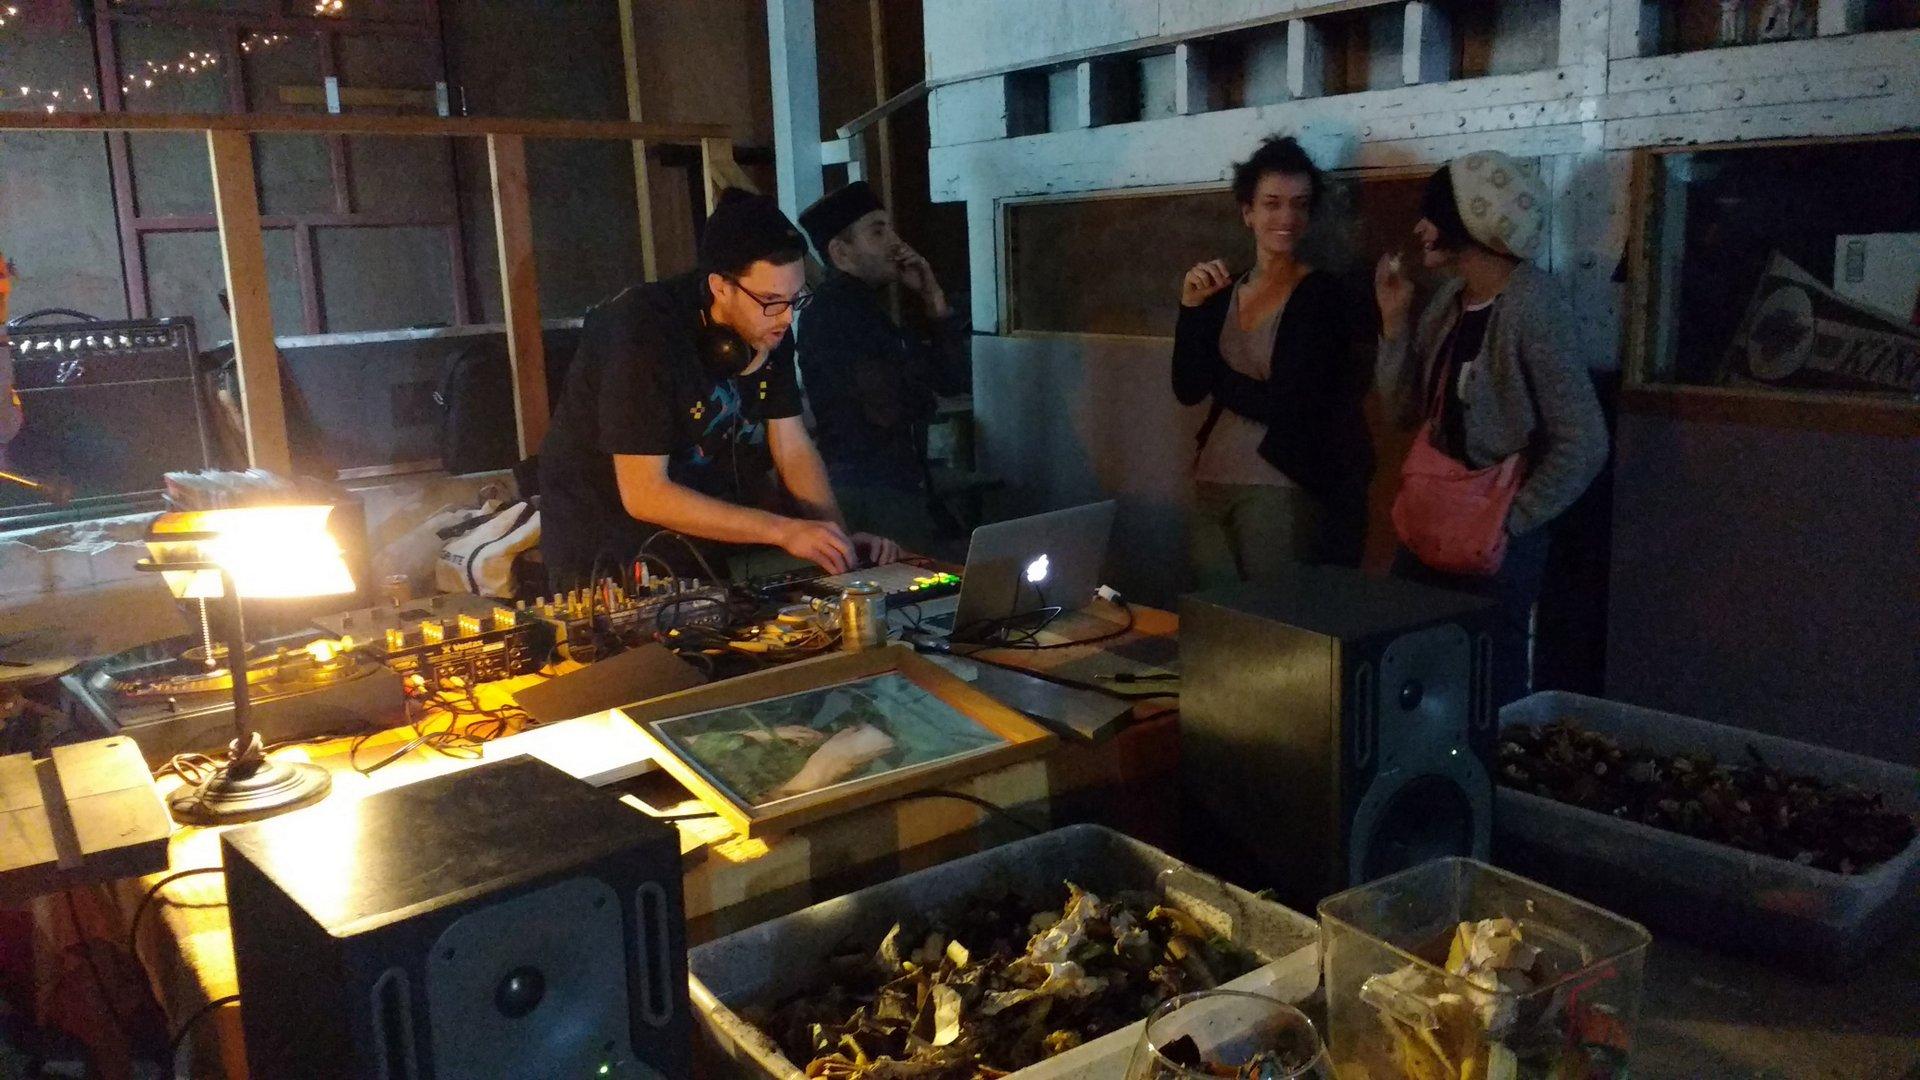 DJ mixing at Dirtmaking